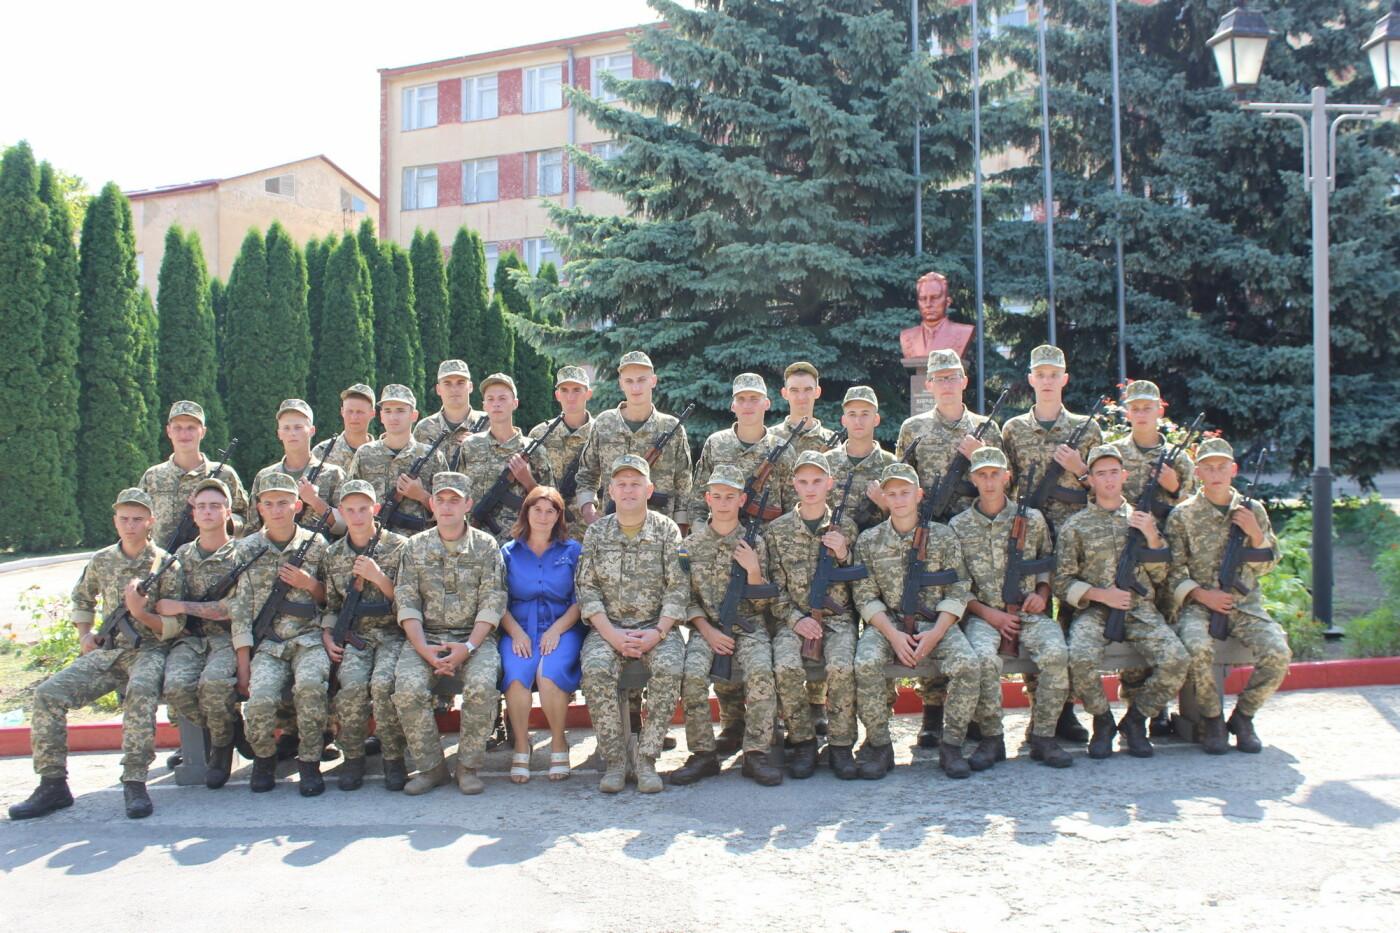 У Кам'янці 240 військовослужбовців склали присягу, фото-15, Фото: Olha Povorozniuk